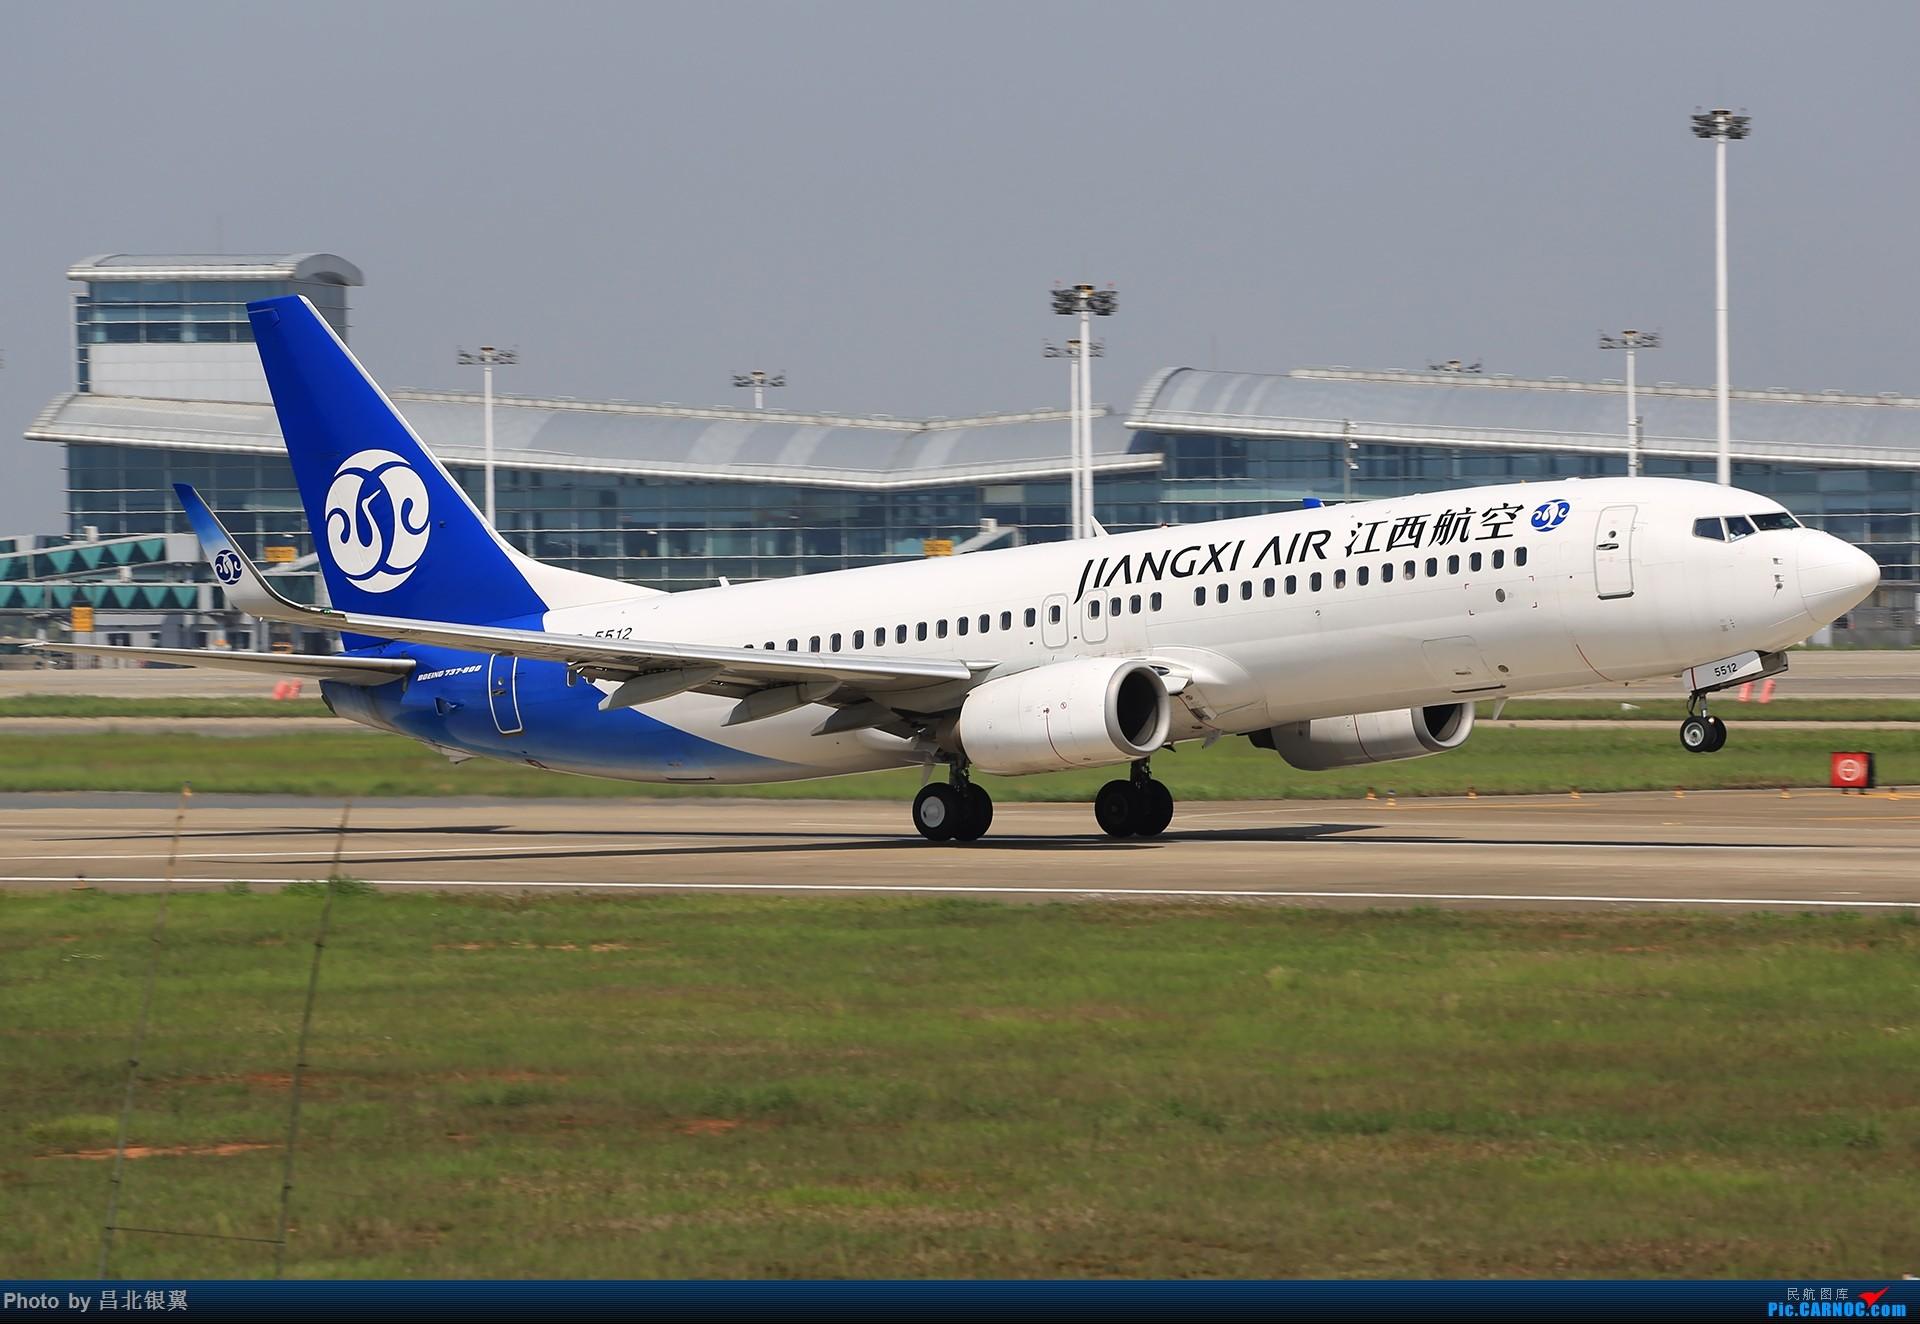 Re:[原创]【南昌飞友会】【1920*1280】江西航空 我们自己的航空 BOEING 737-800 B-5512 中国南昌昌北国际机场